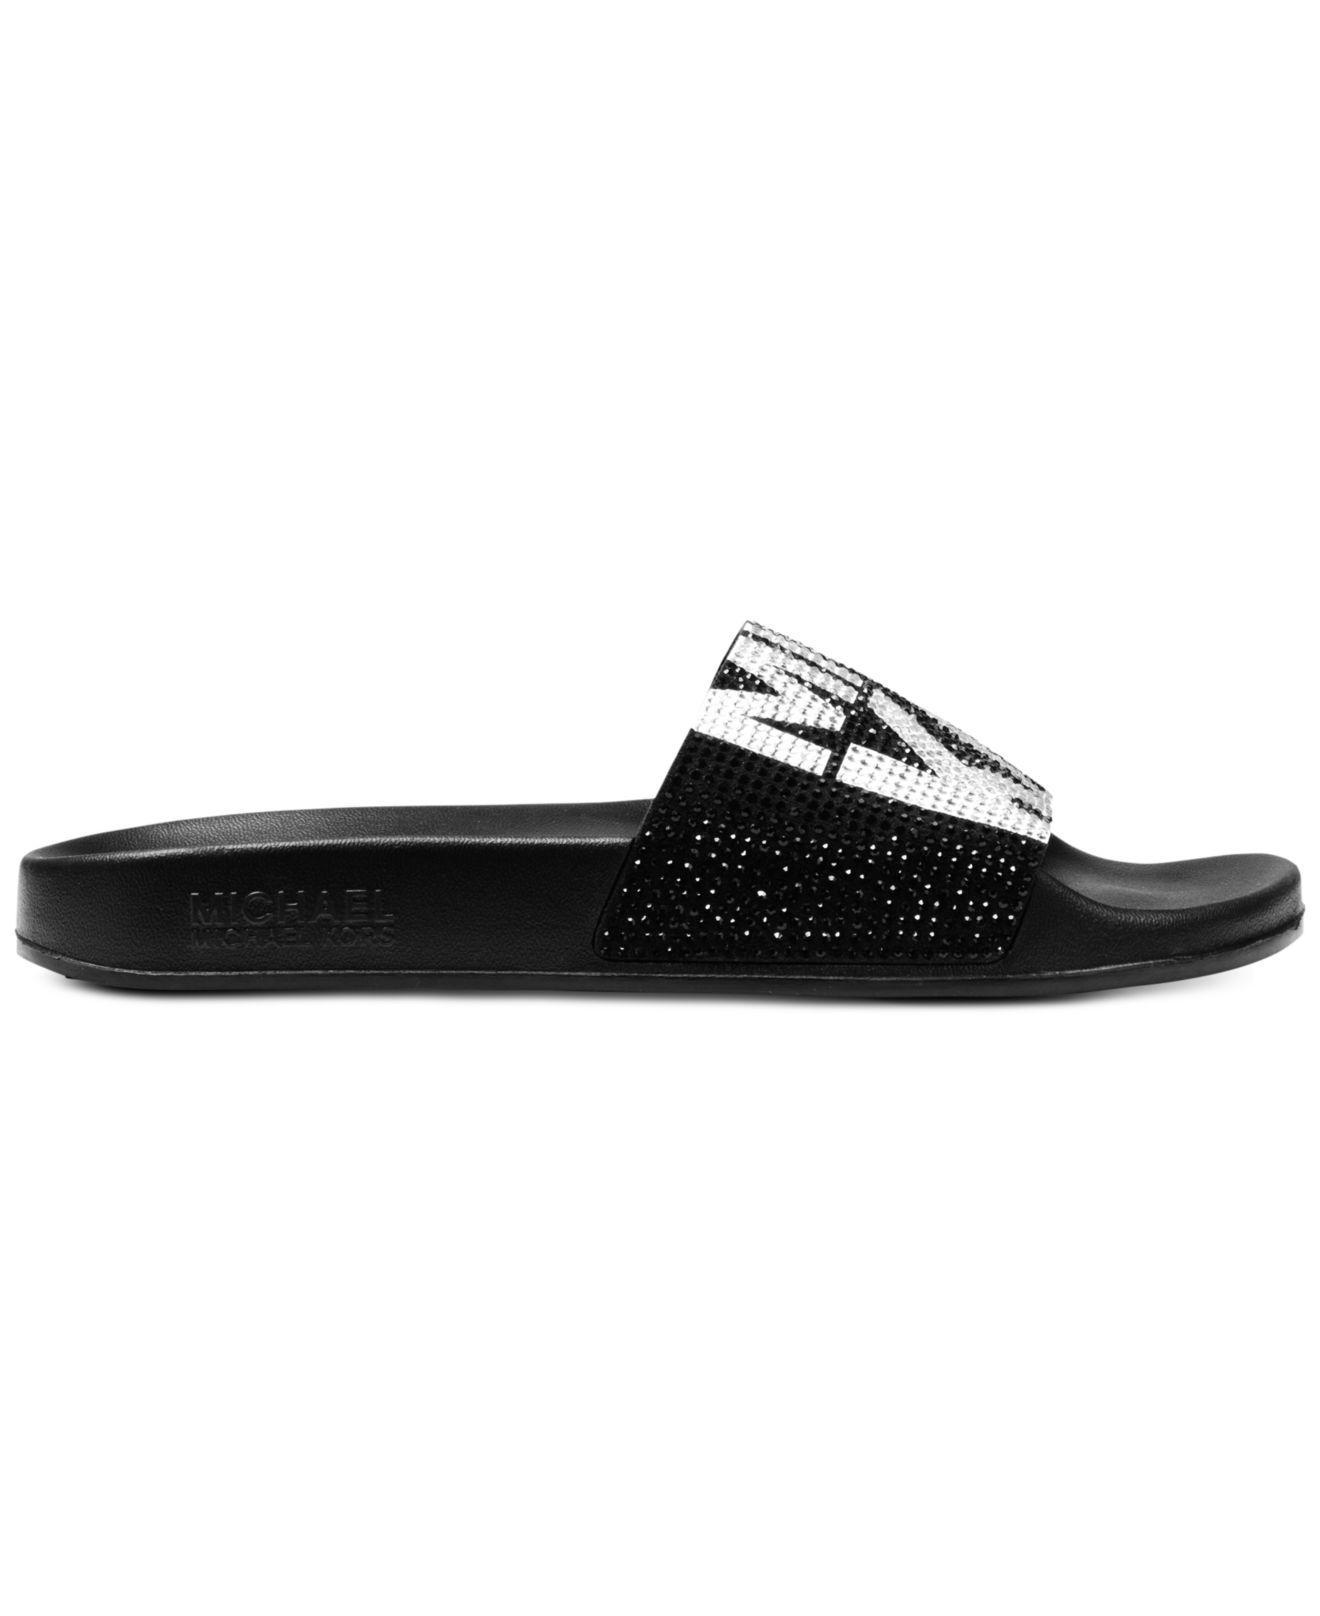 a4fc3258bf1af Michael Kors Gilmore Pool Slide Sandals in Black - Save 29% - Lyst